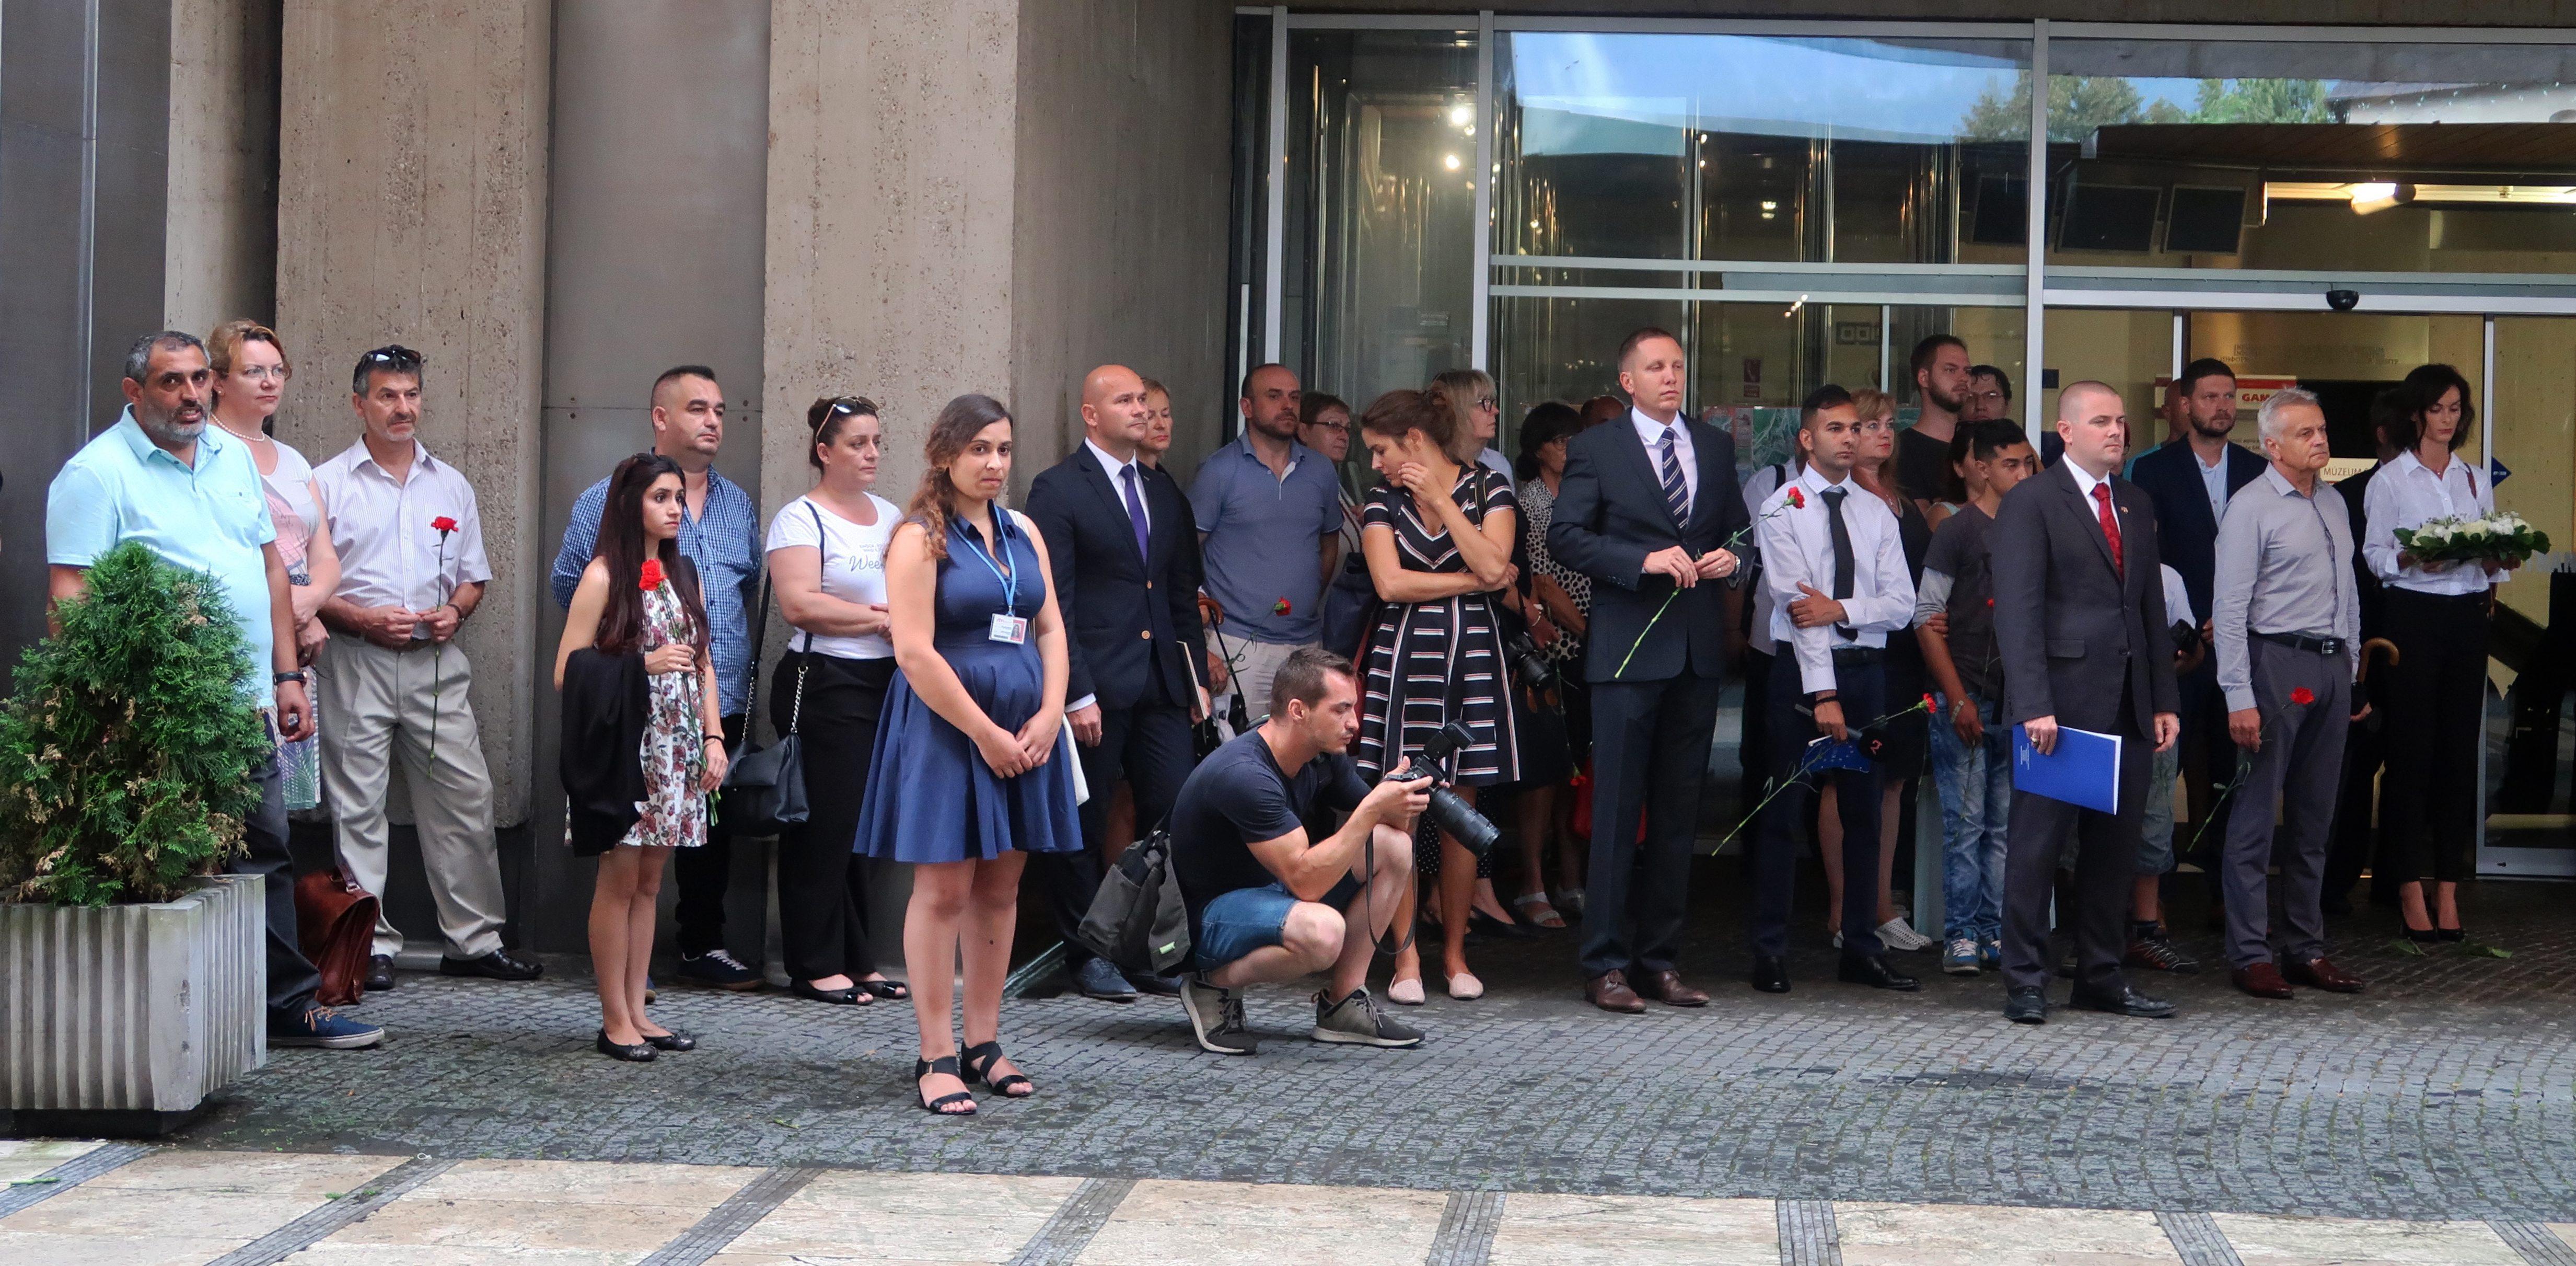 Pamätný deň rómskeho holokaustu v múzeu SNP